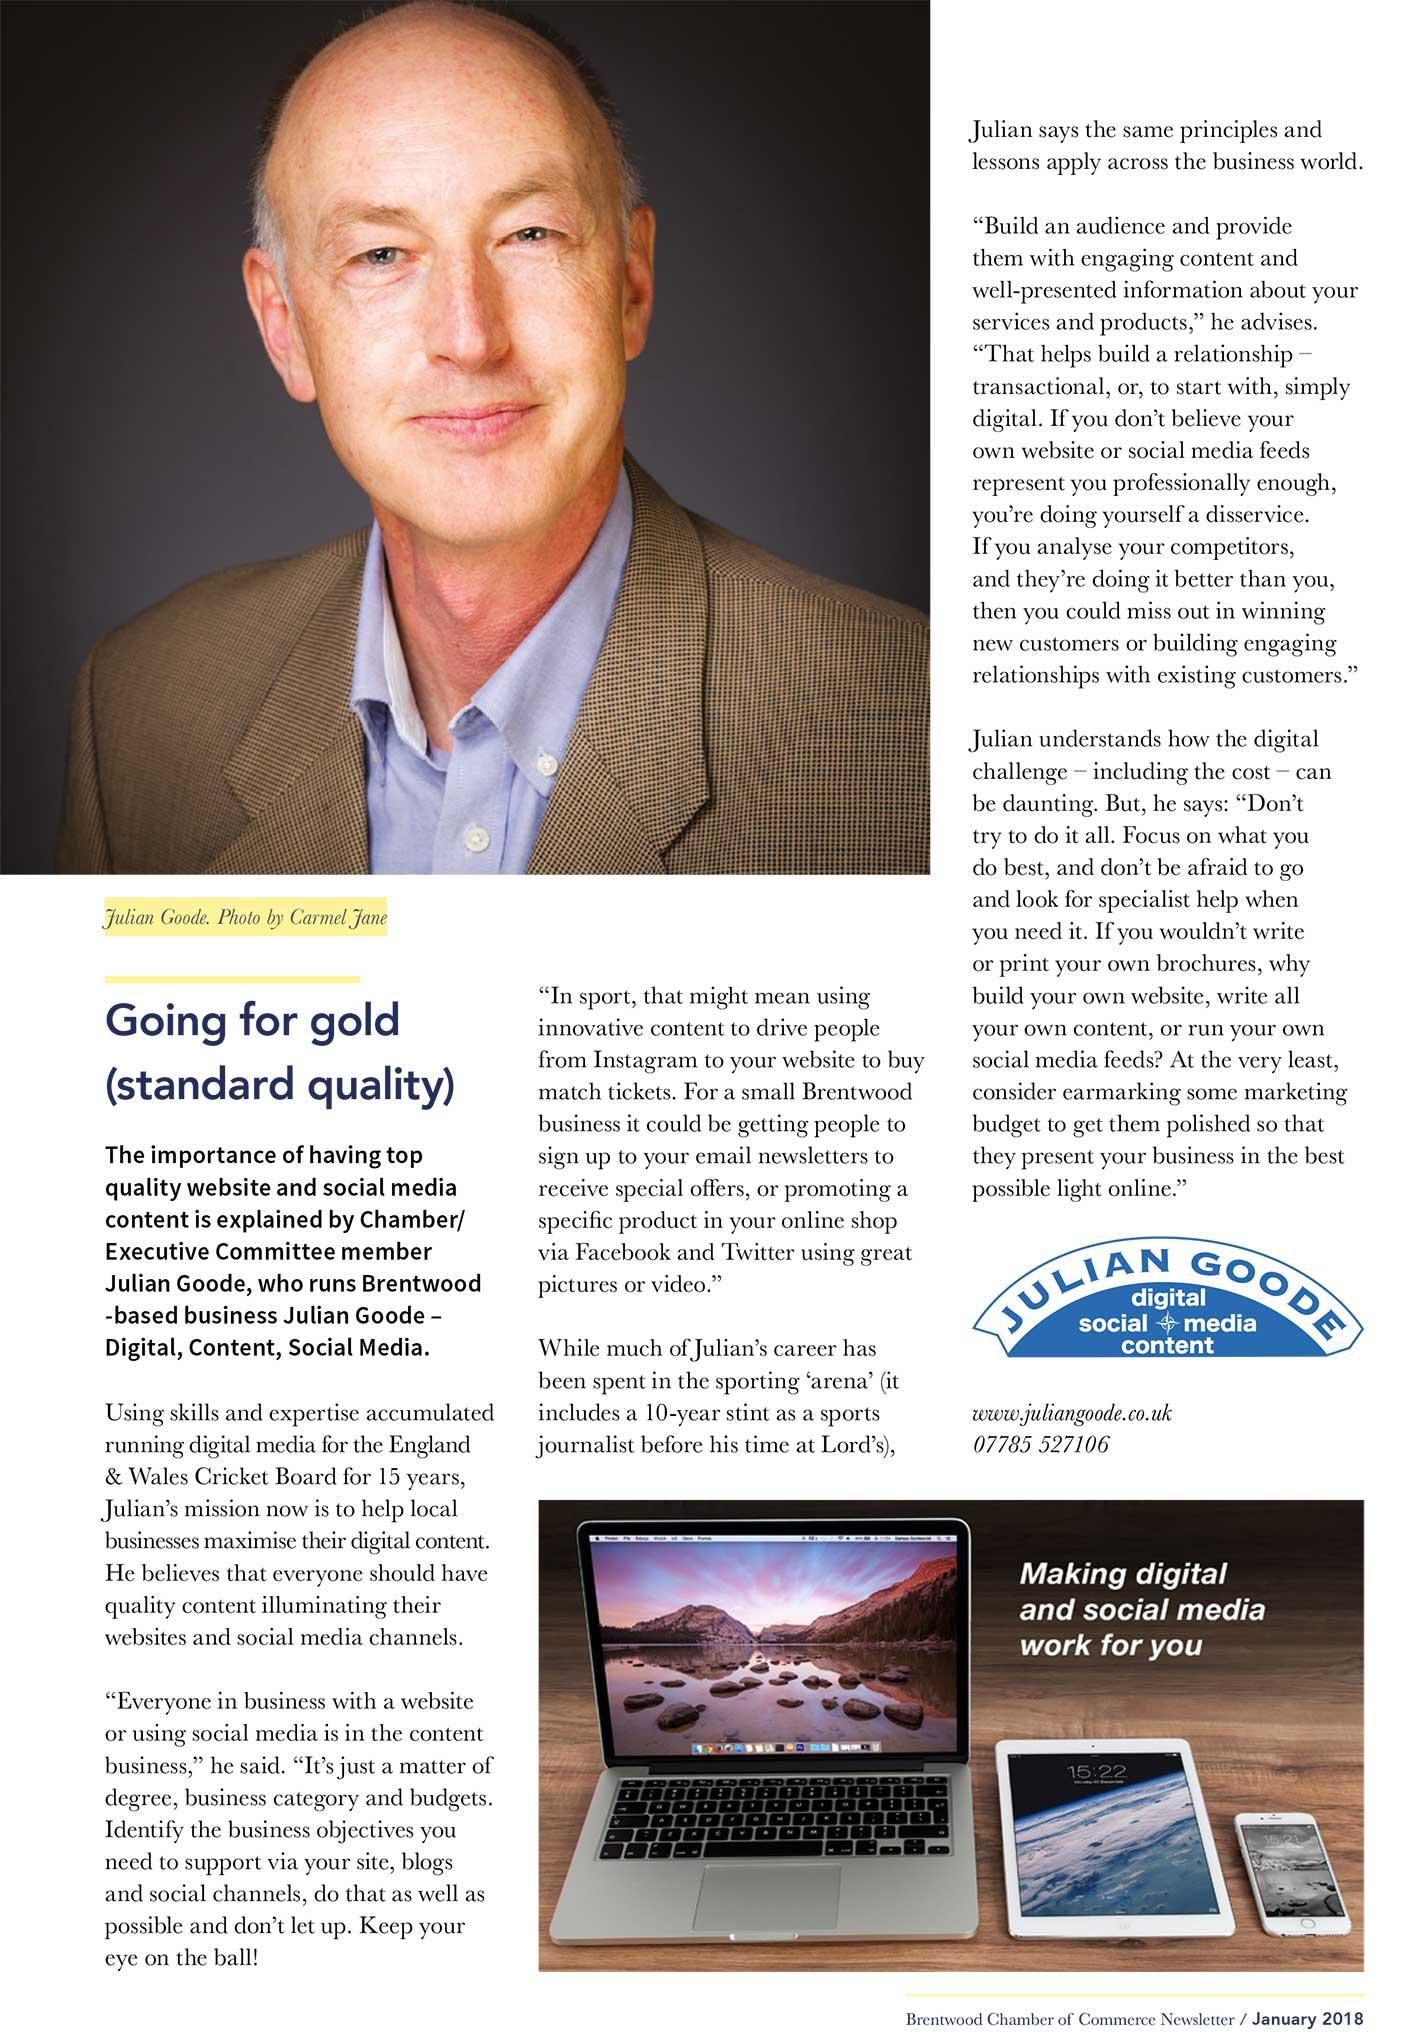 Julian-Goode-January-2018-Brentwood-Chamber-of-Commerce-Newsletter